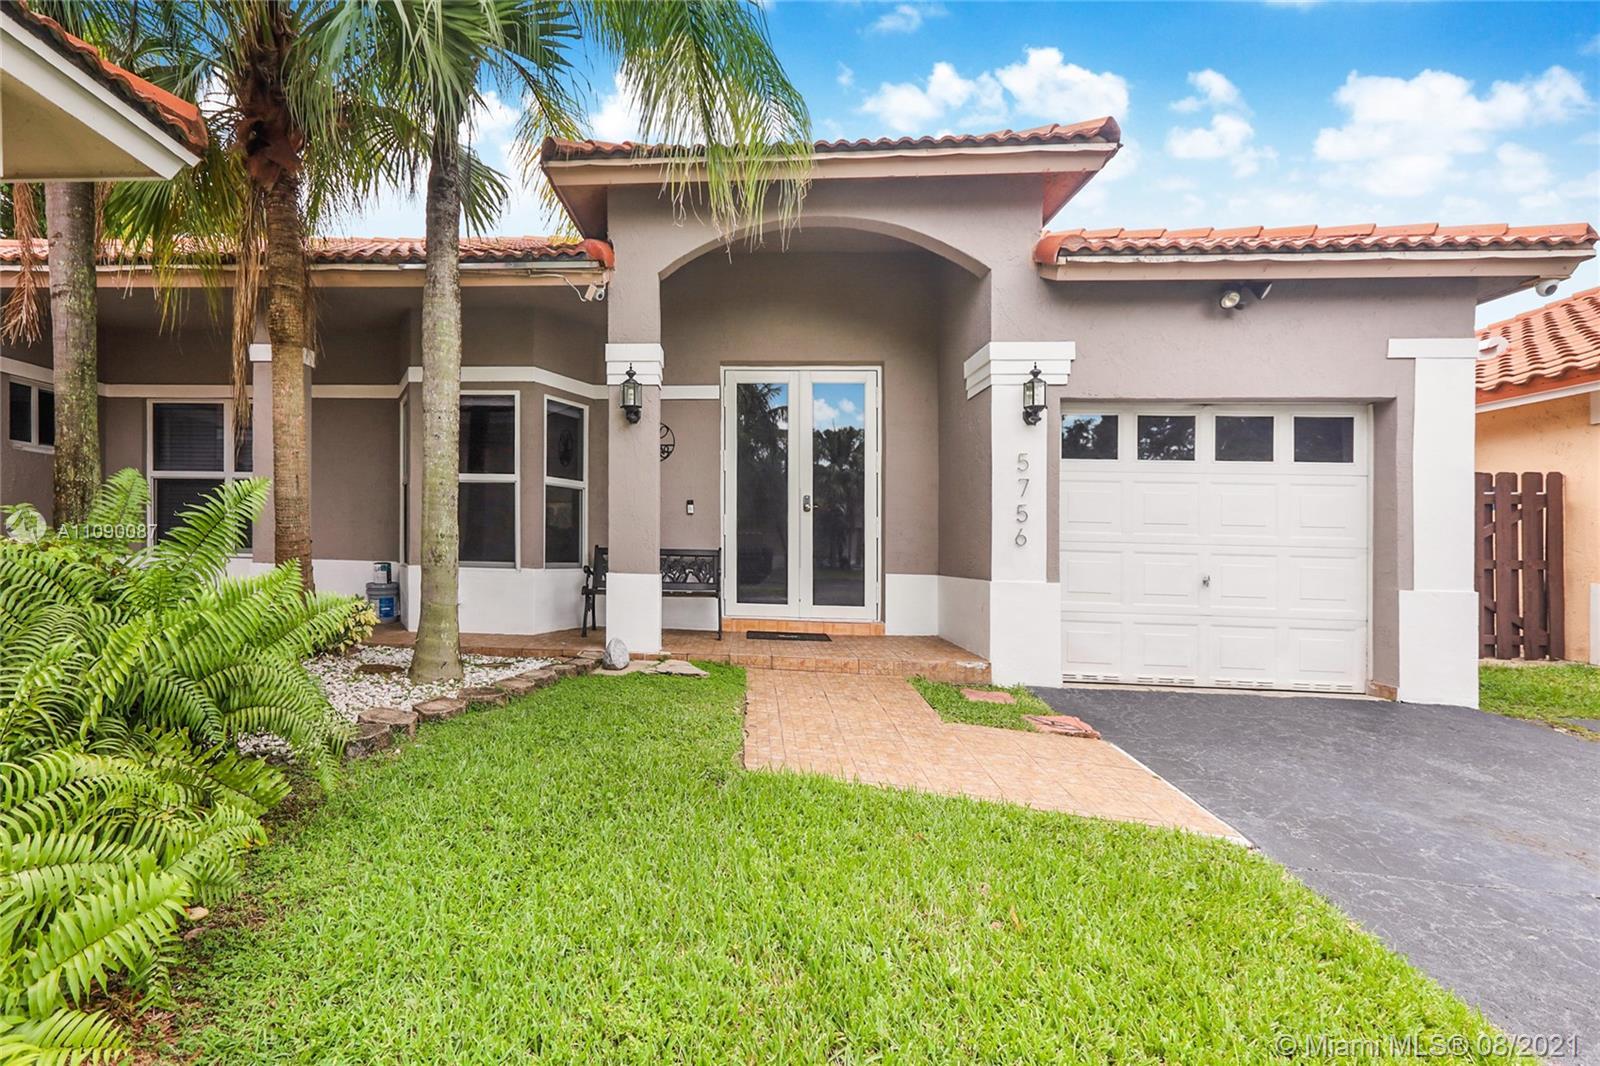 Doral Park - 5756 NW 97th Pl, Doral, FL 33178